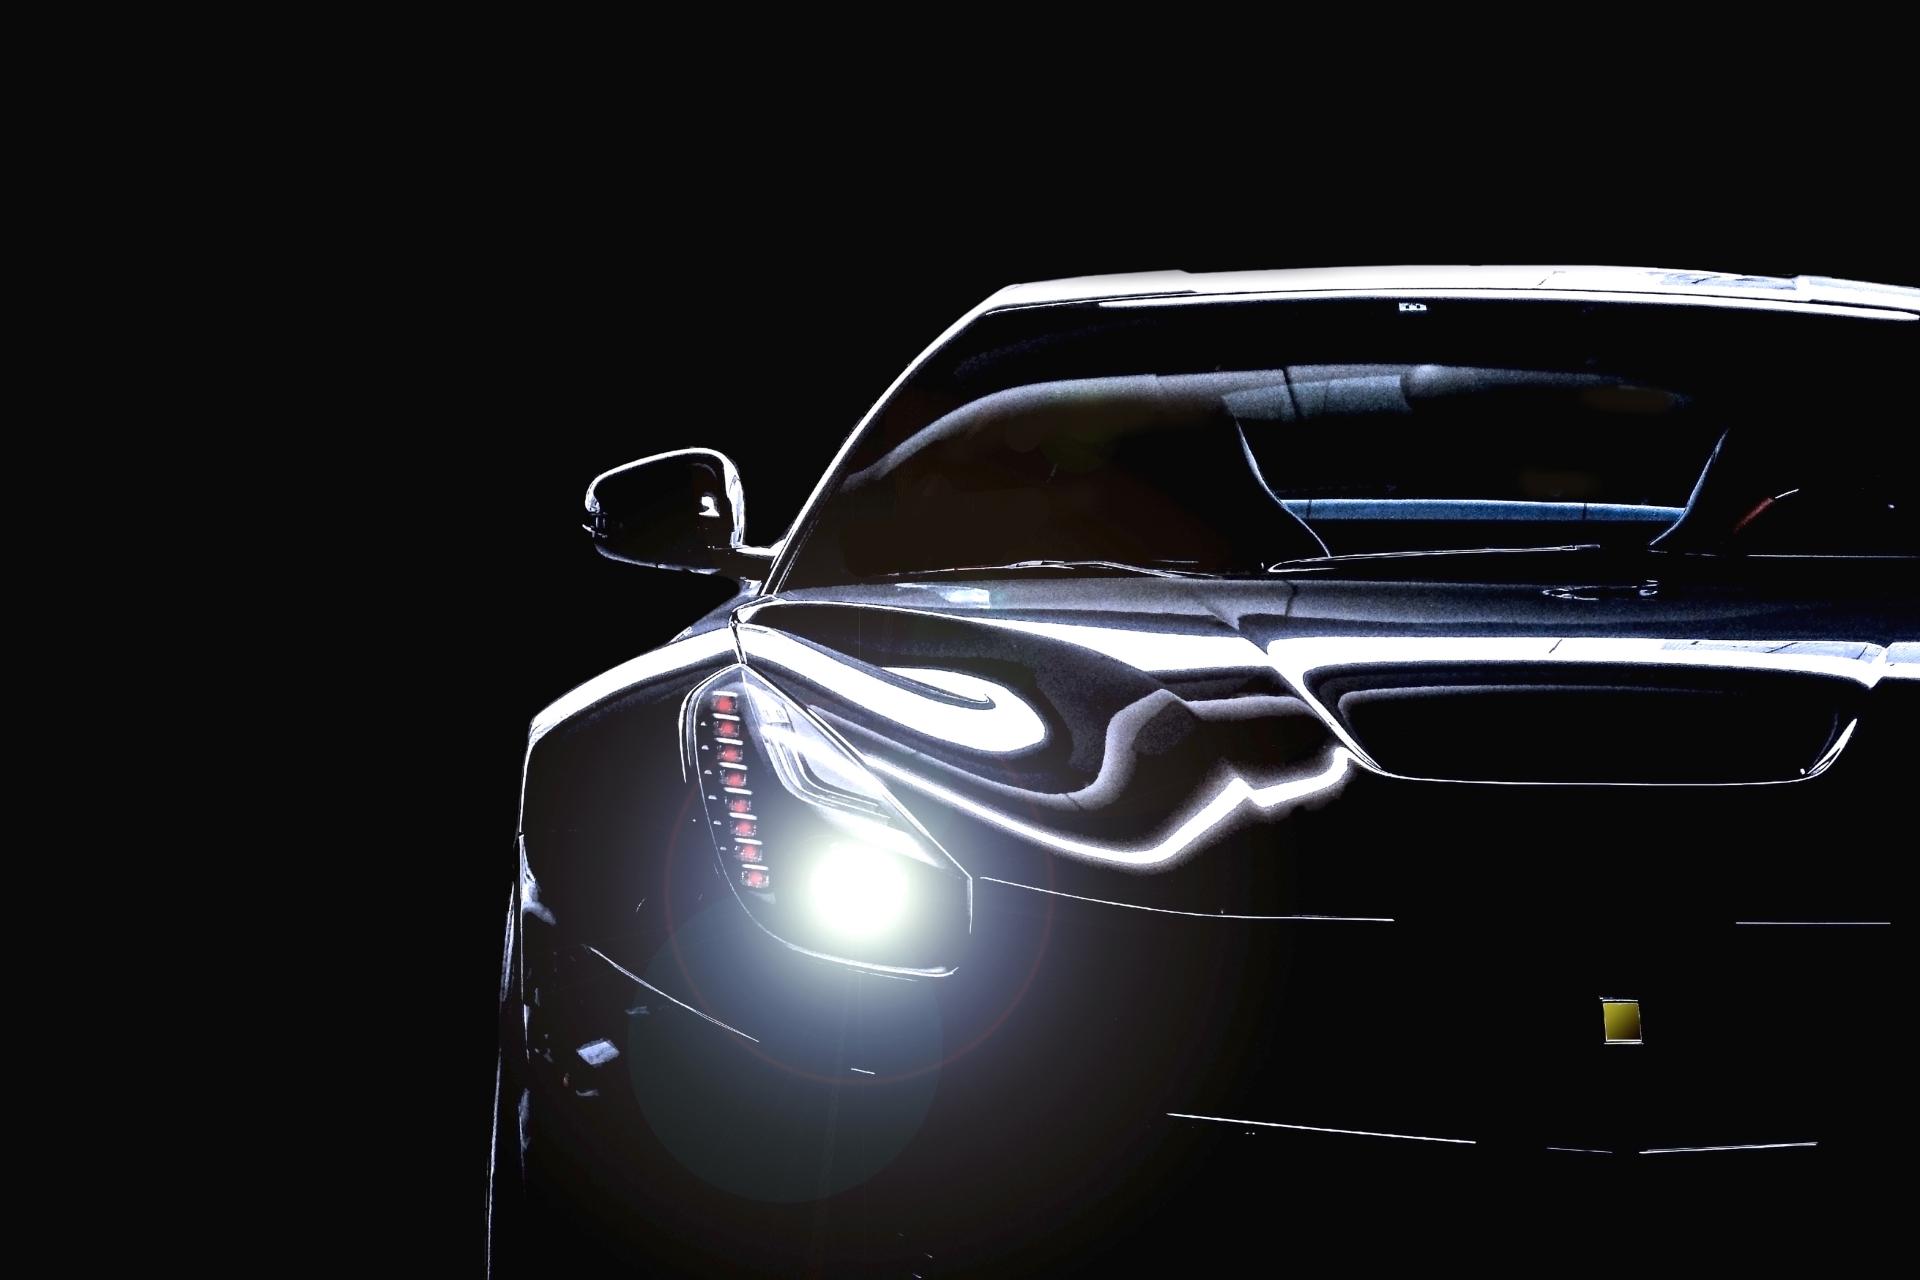 【車購入の基礎知識】クルマのヘッドライトにはどんな種類がある?キセノン、LED、レーザーなどどれが最も明るい?